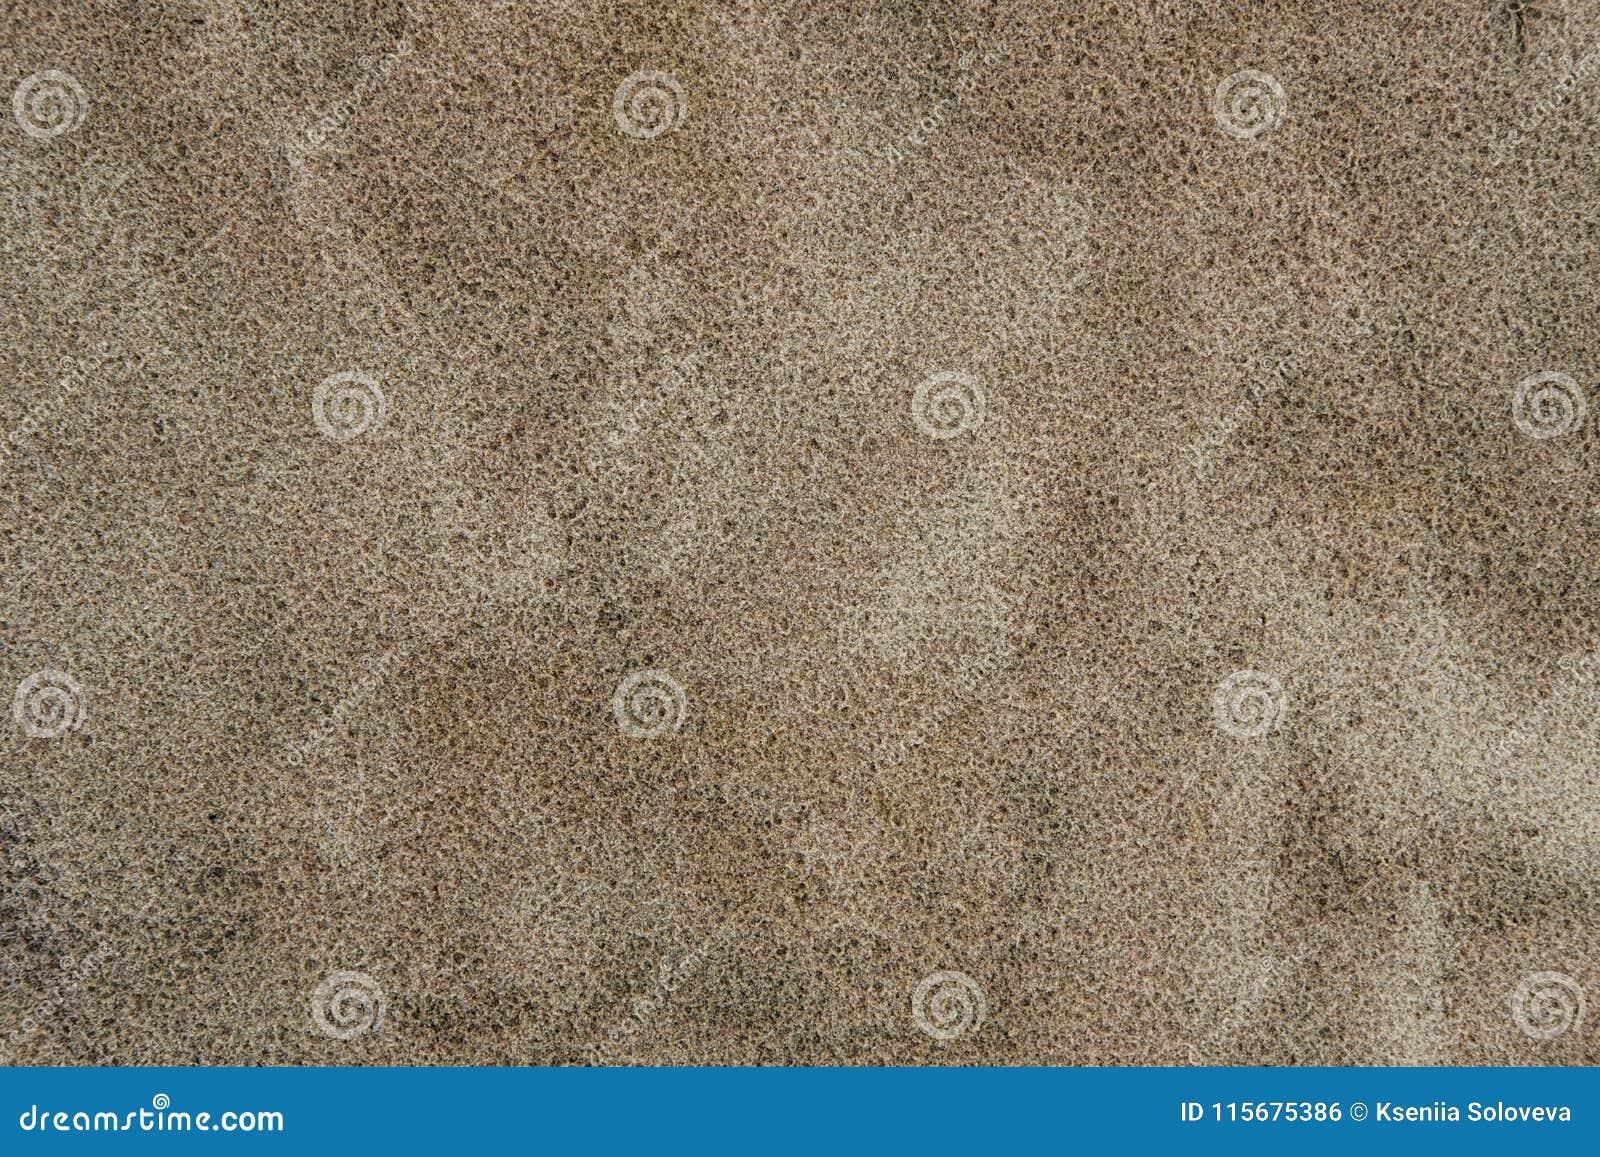 Een achtergrondtextuur van ongeraffineerd, vochtig en korrelig natuurlijk gouden zand